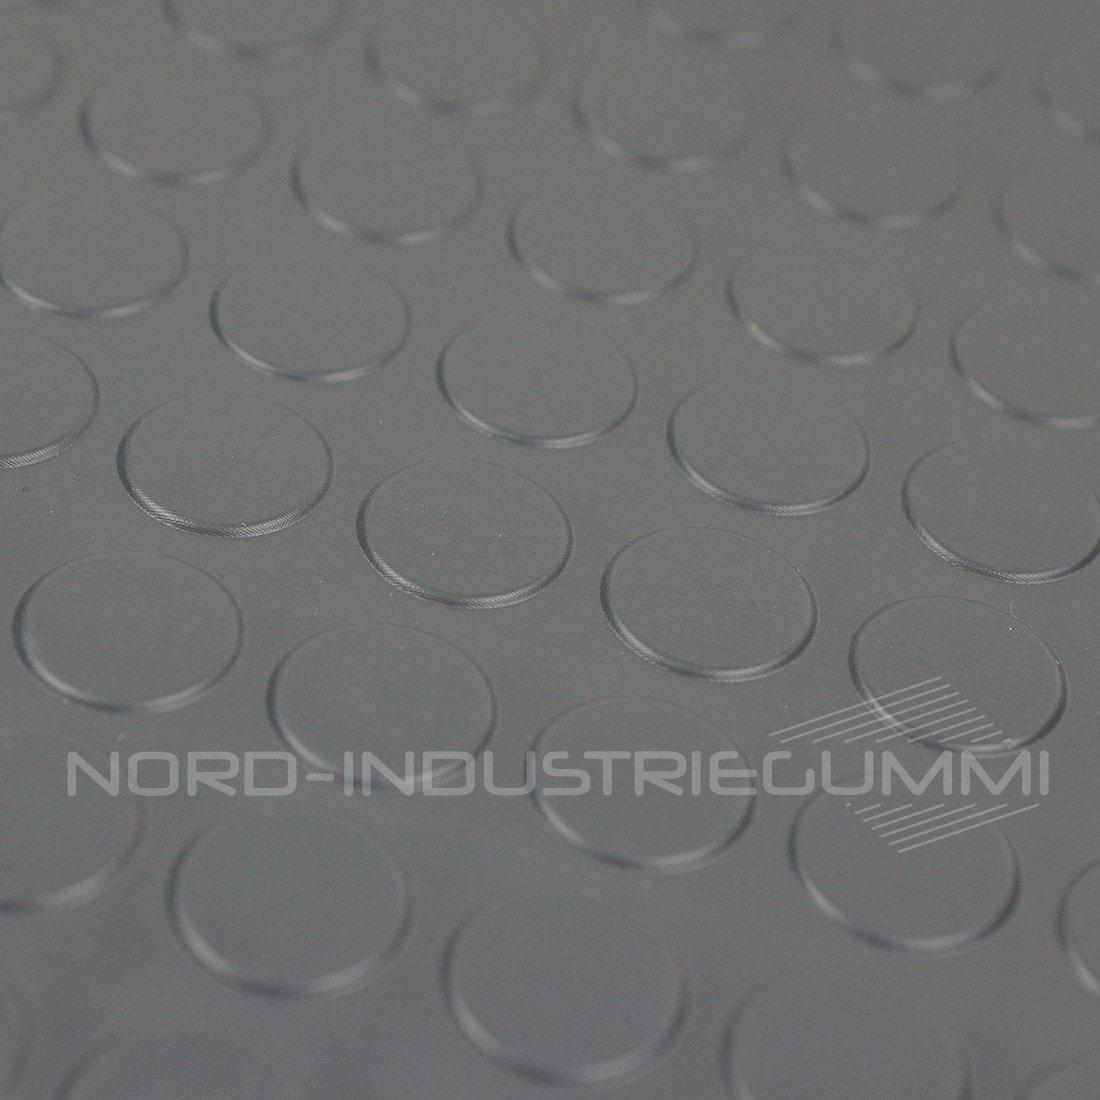 Schwarz St/ärke 4m/² Noppenmatte Premium 1,20m x 3,33m 3mm